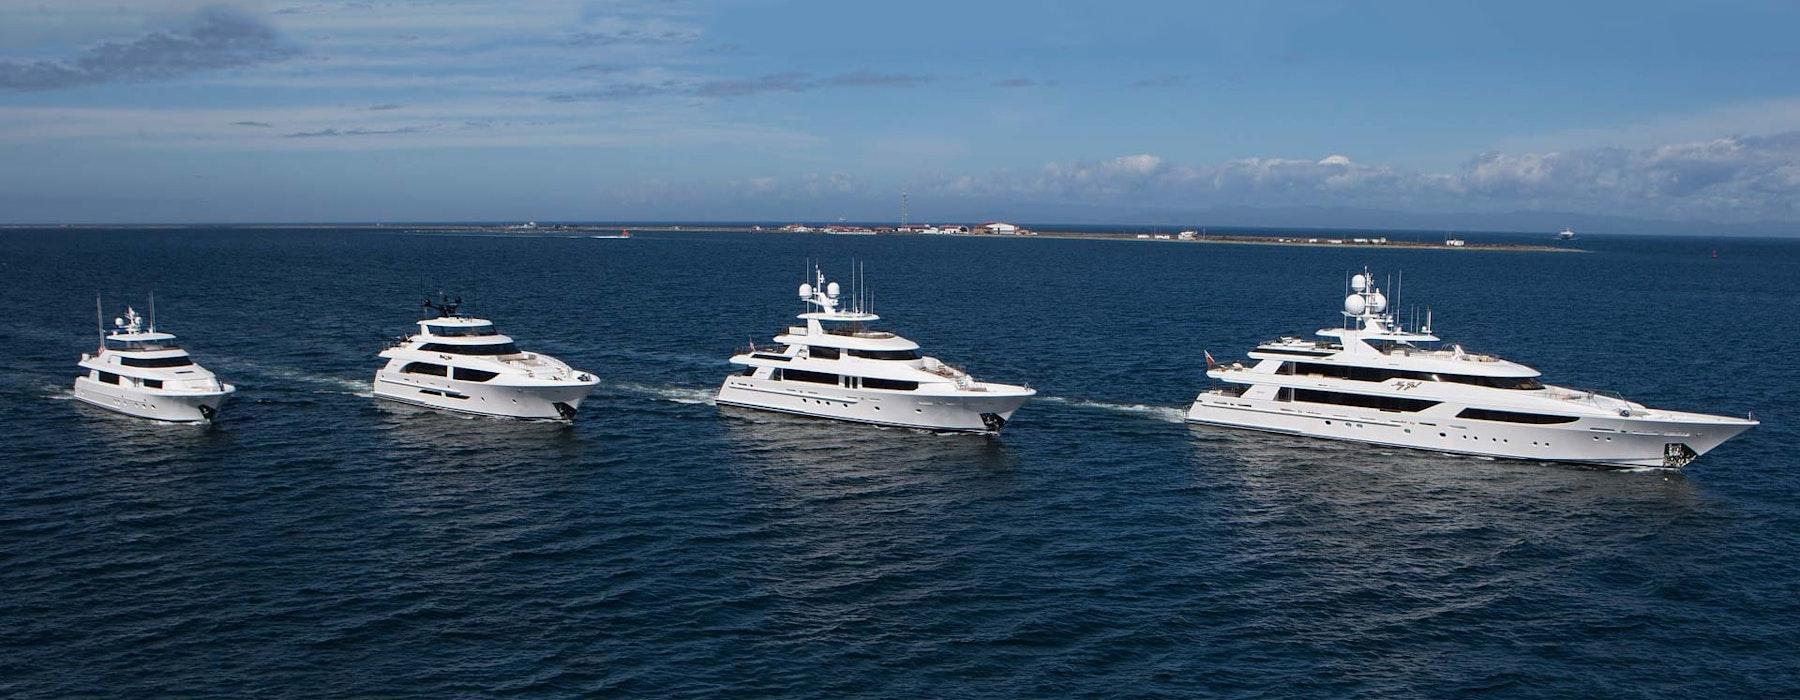 Westport Yachts - Luxury Yacht Builder